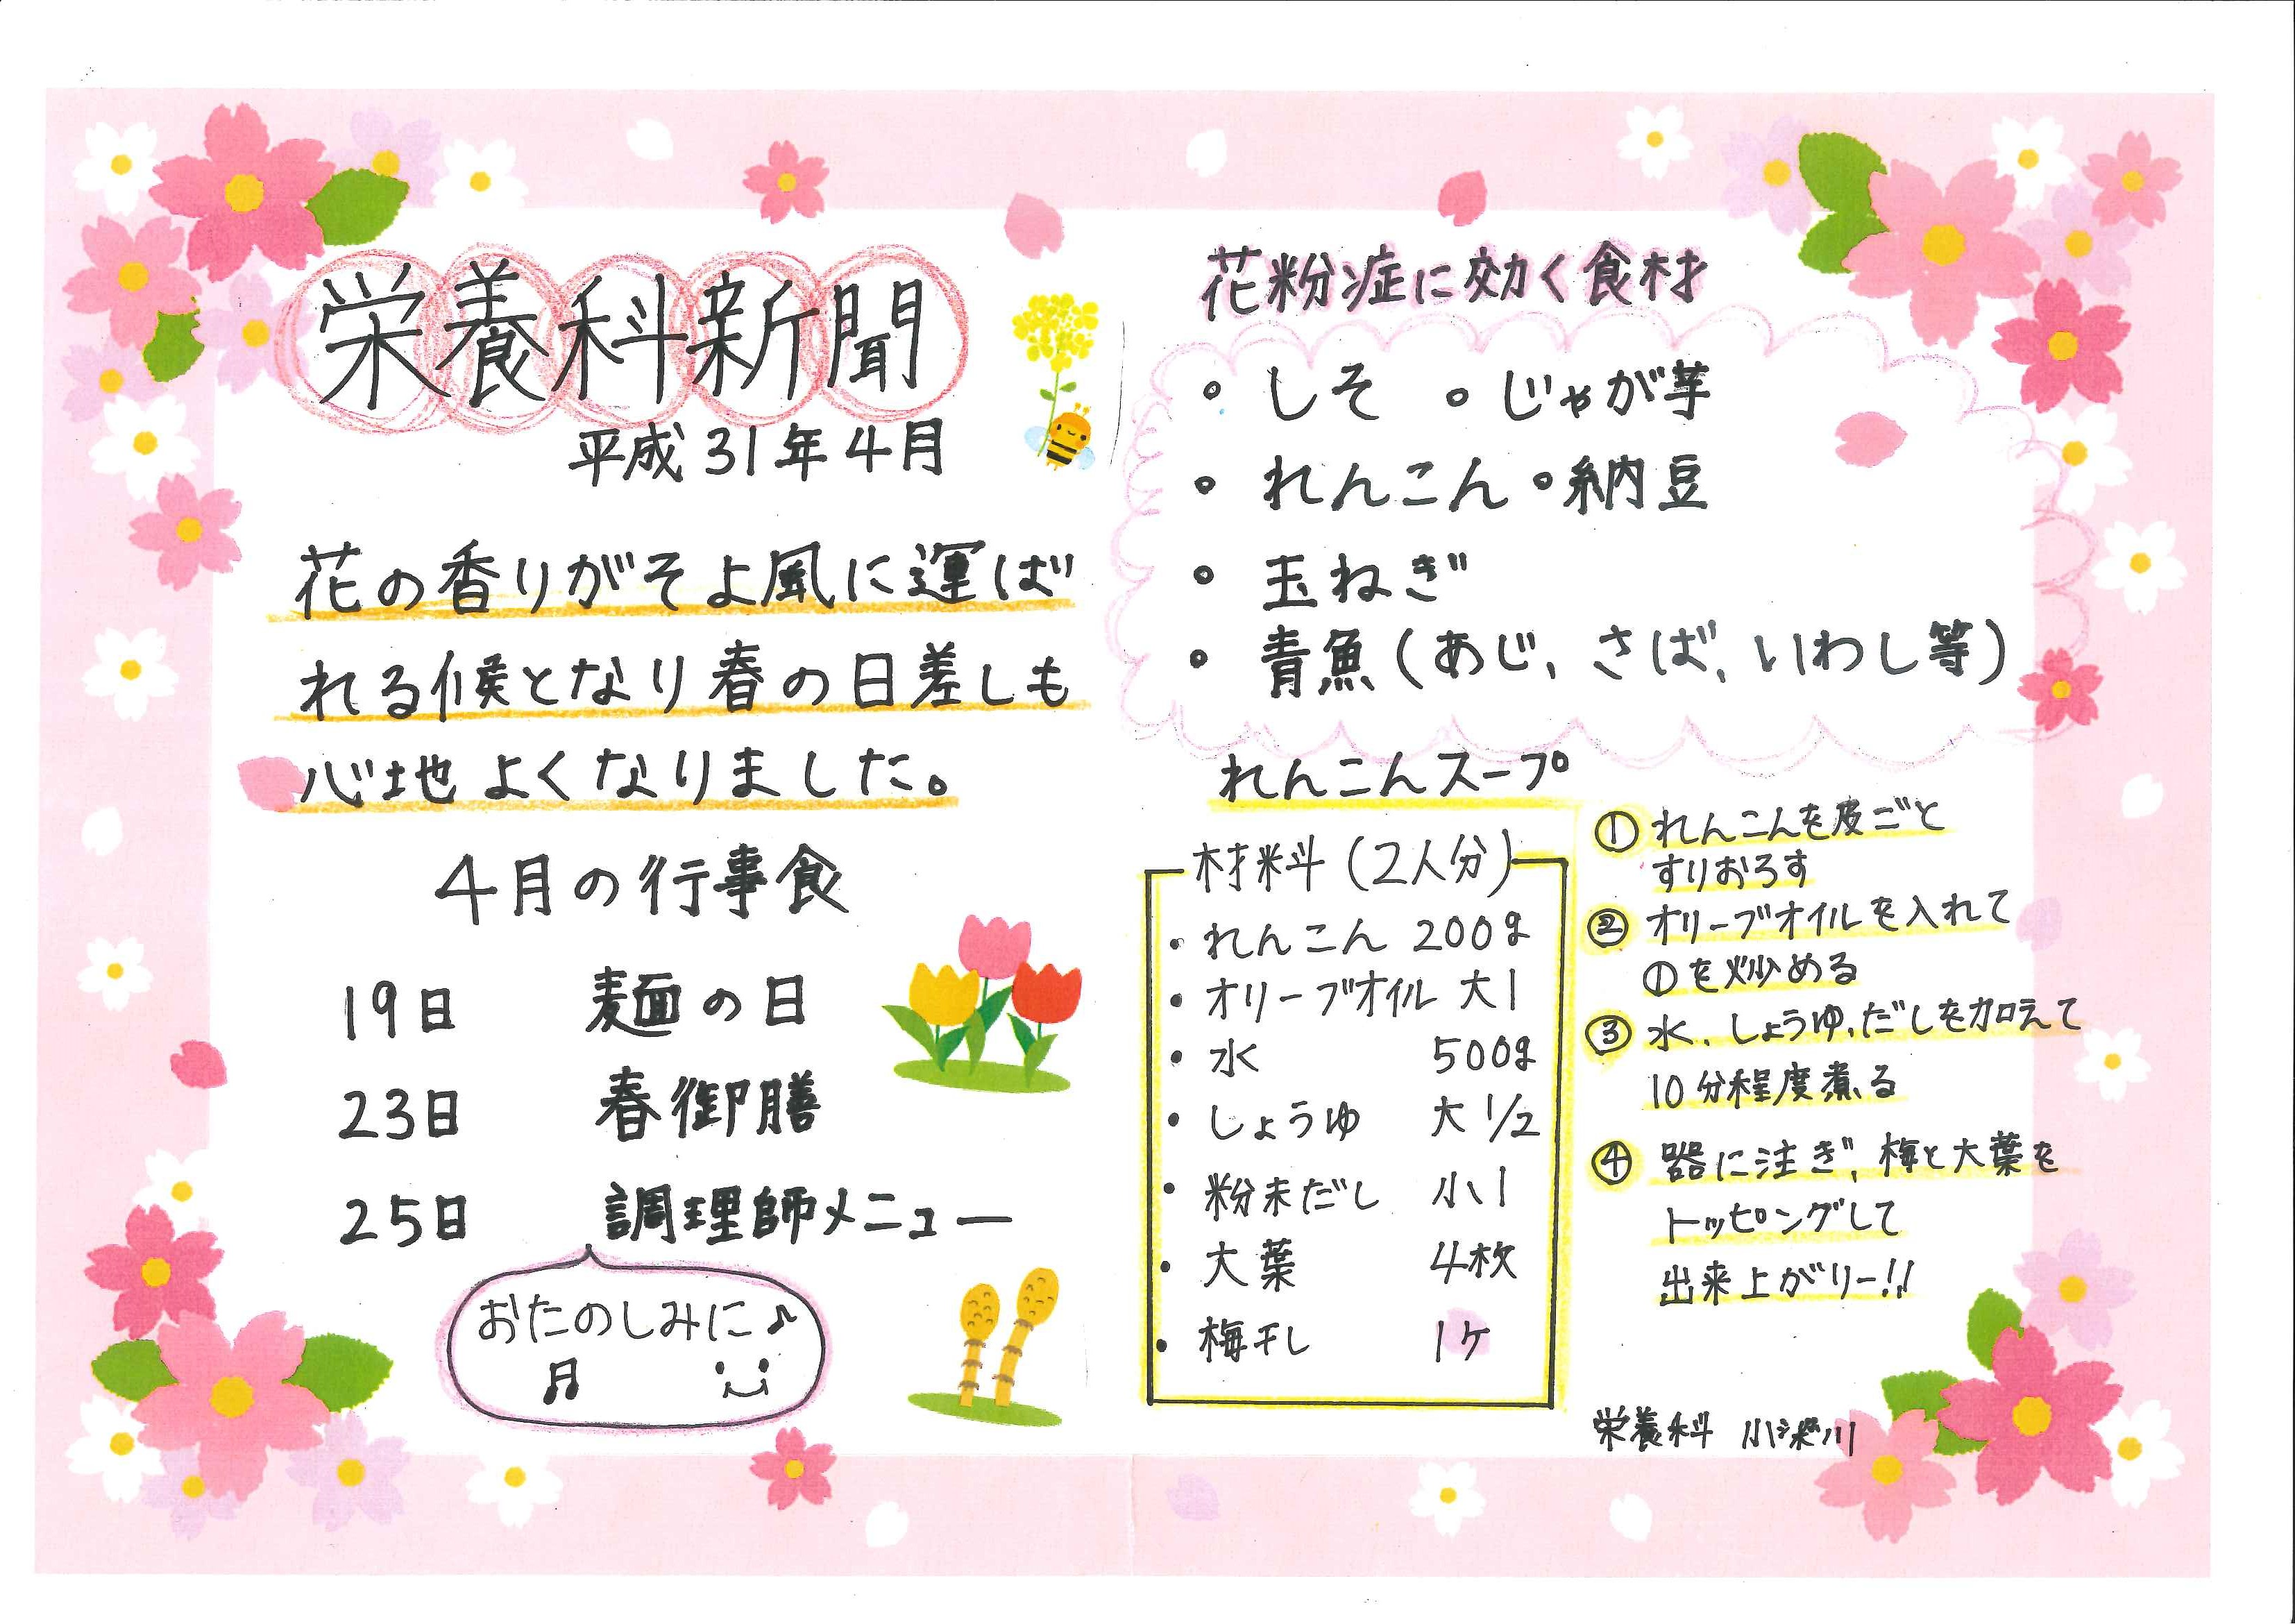 川西湖山病院「栄養科新聞」(平成31年4月)